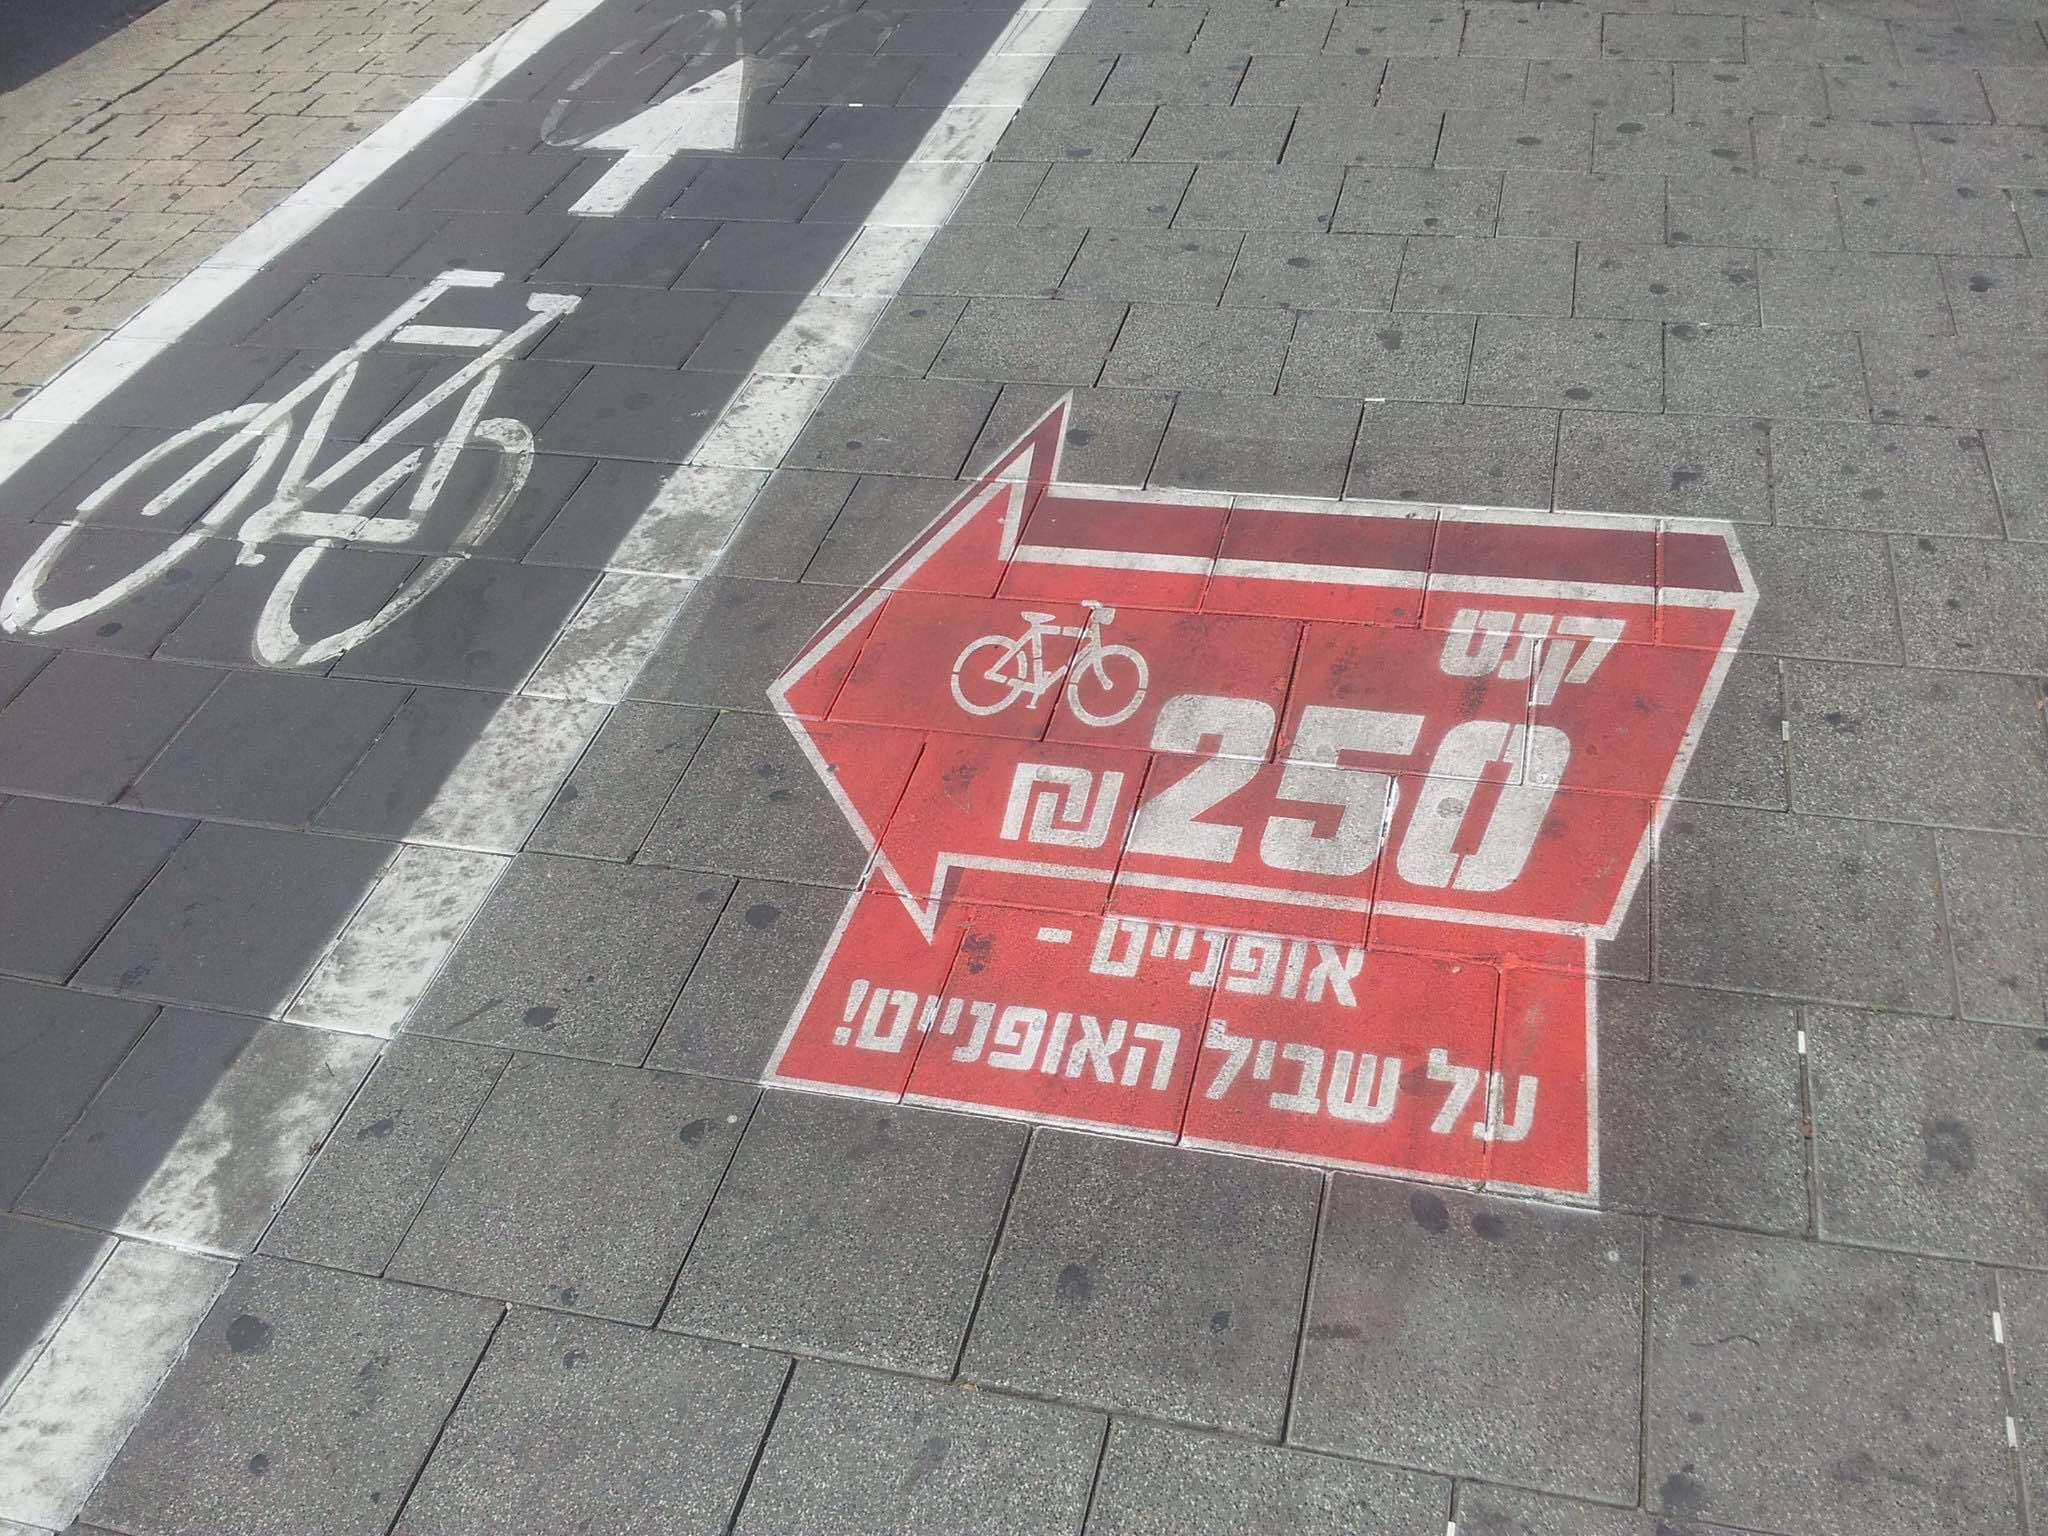 Autant les PV sont justifiés quand il y a une piste cyclable, autant on peut s'interroger sur leur légitimité en l'absence de toute piste (photo : Katharina Höftmann)